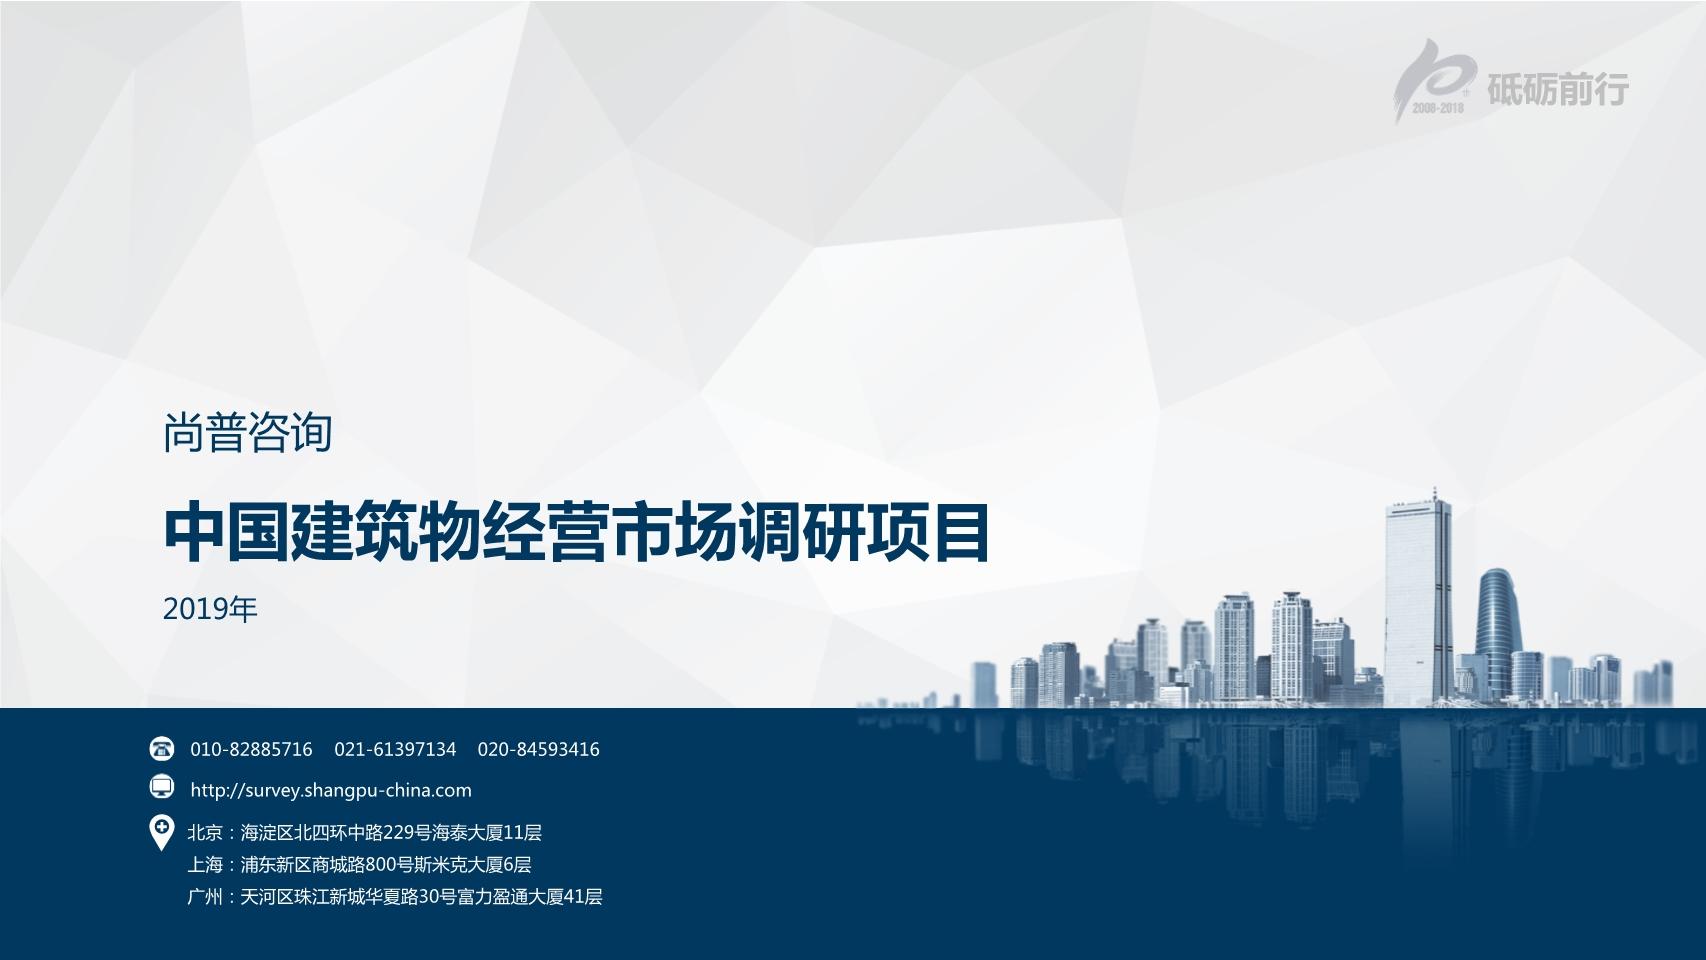 尚普咨询-中国建筑物经营市场调研项目